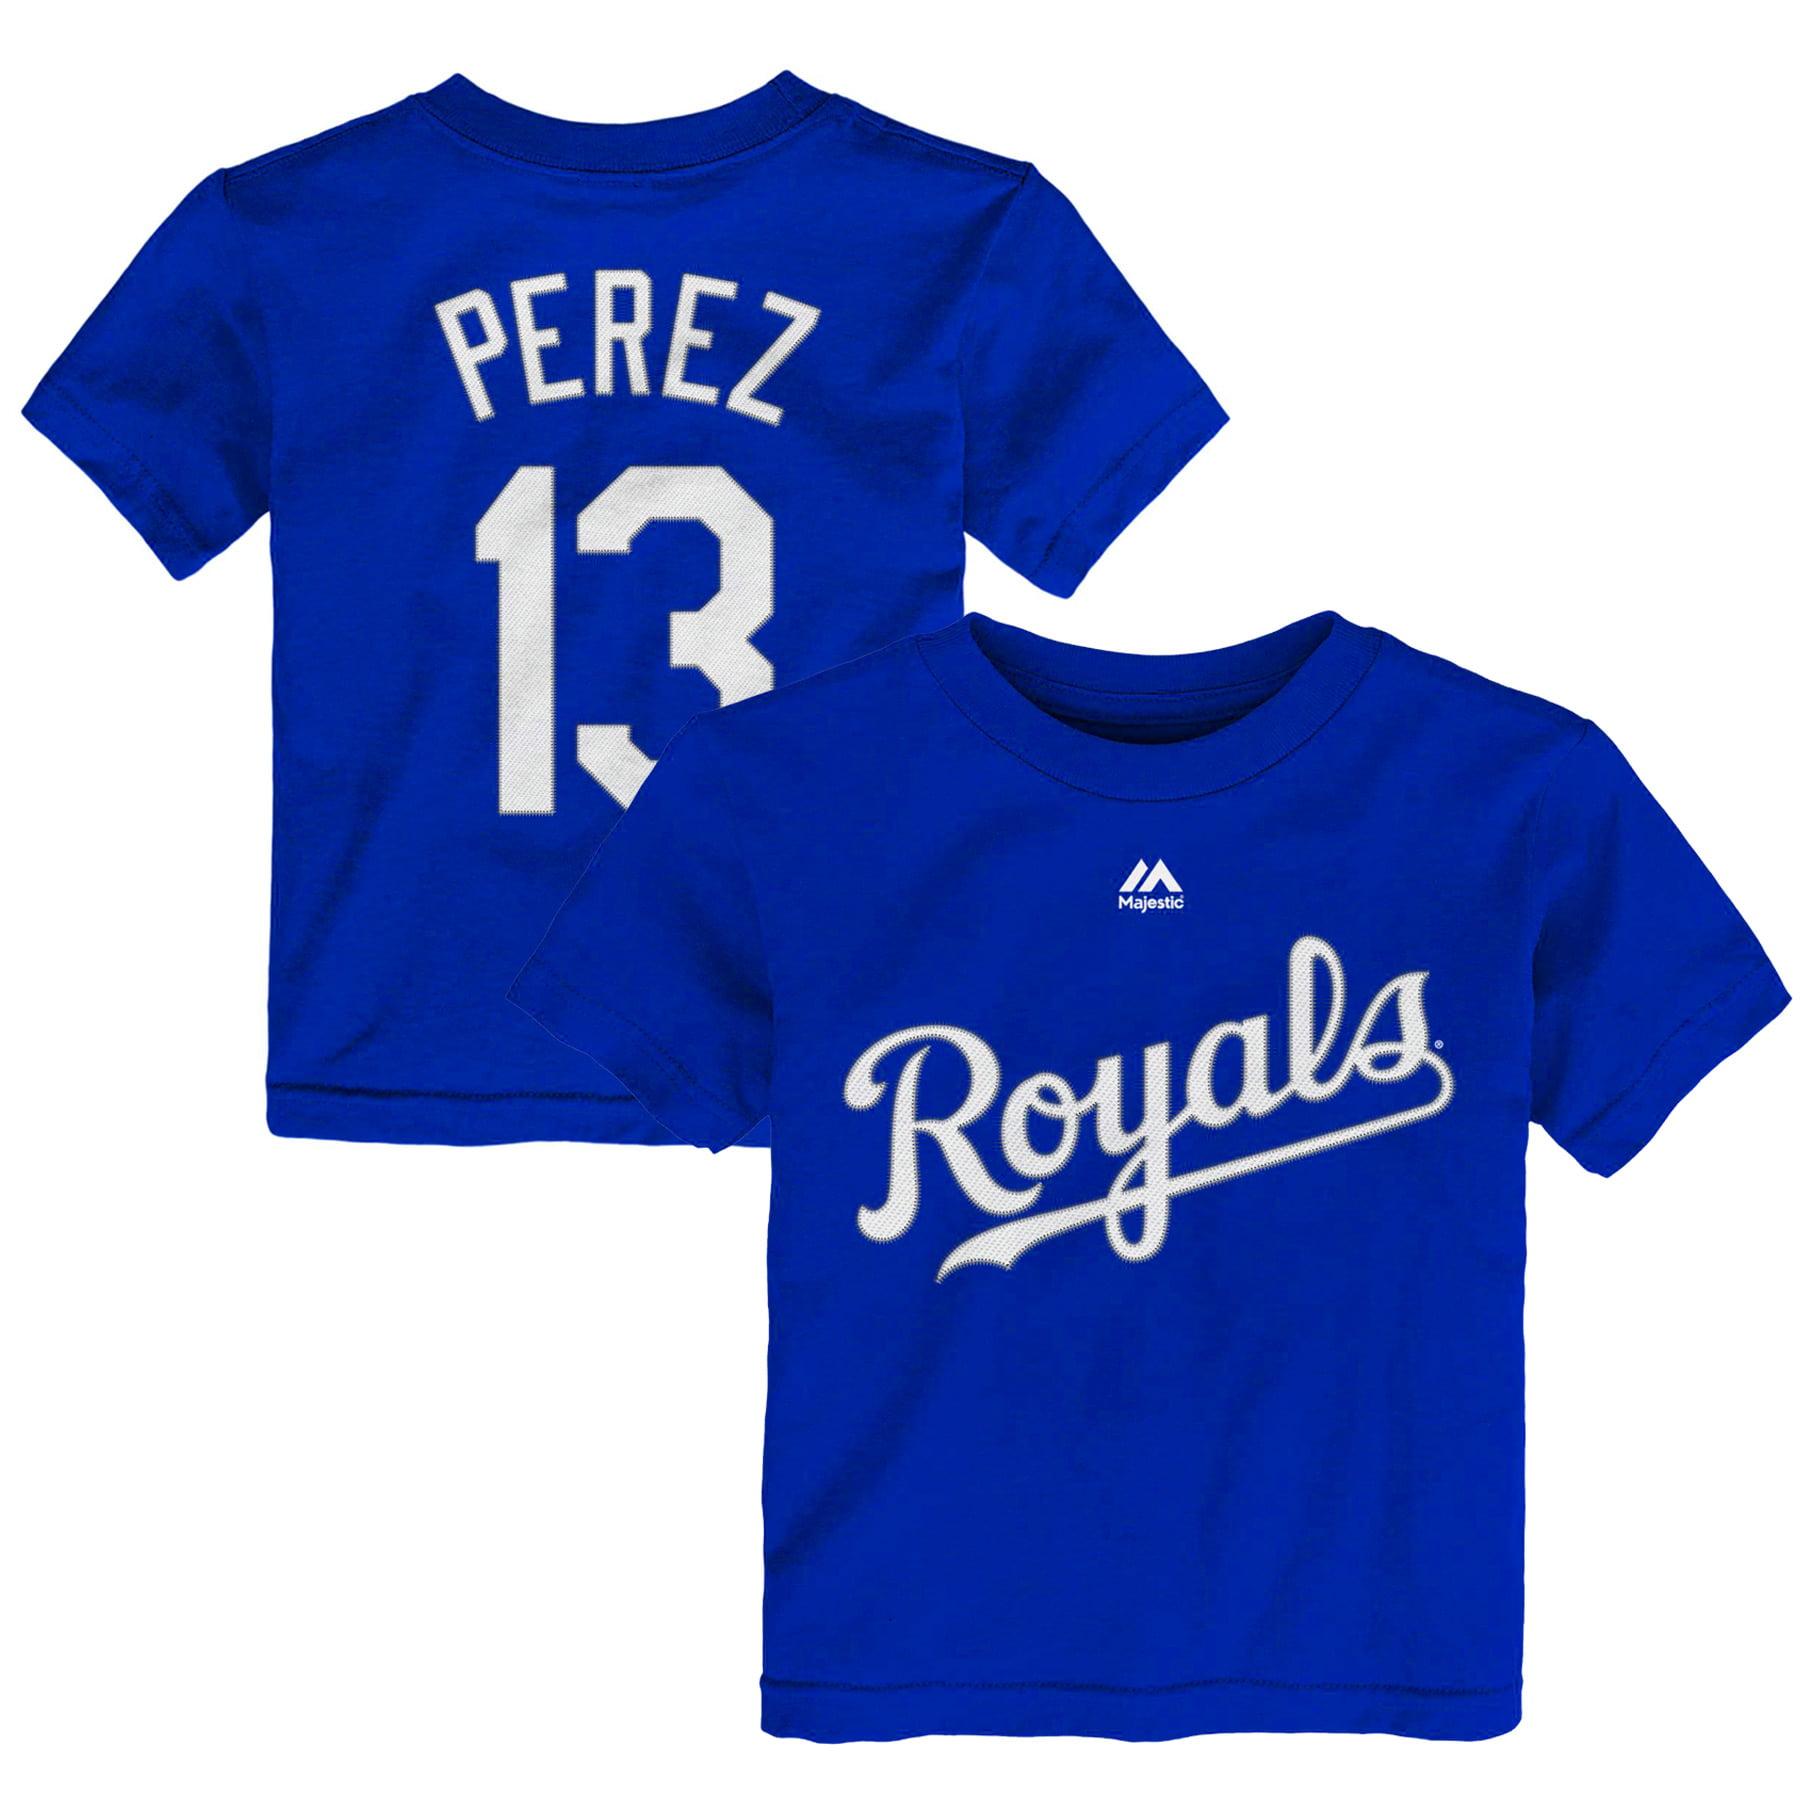 Salvador Perez Kansas City Royals Majestic Toddler Player Name & Number T-Shirt - Royal